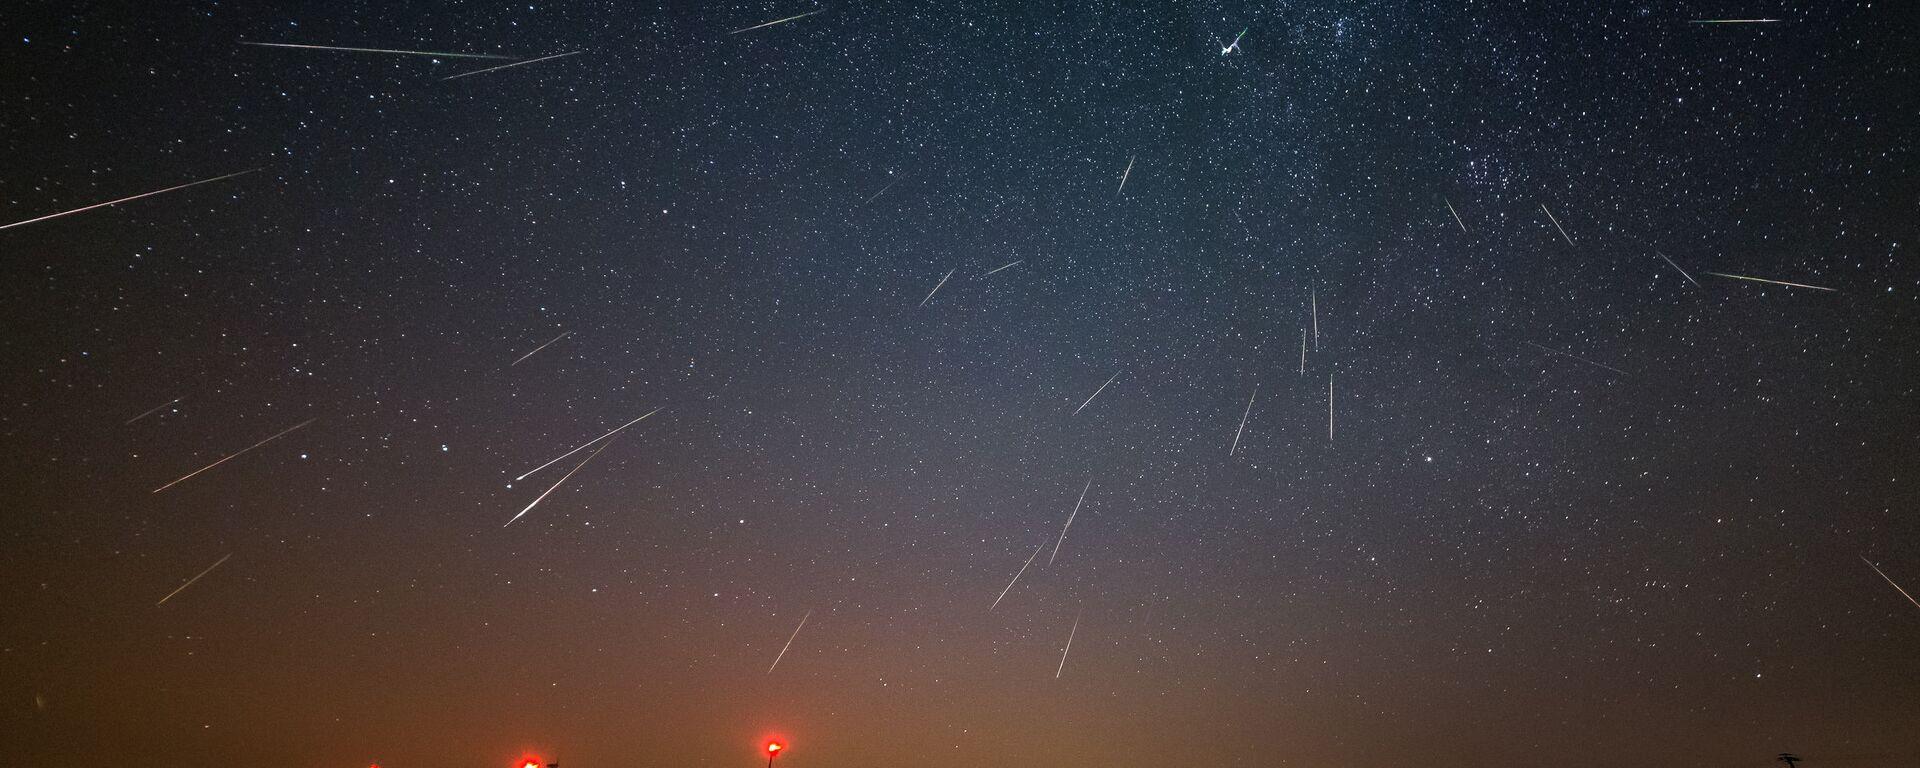 La lluvia de meteoros - Sputnik Mundo, 1920, 23.05.2021